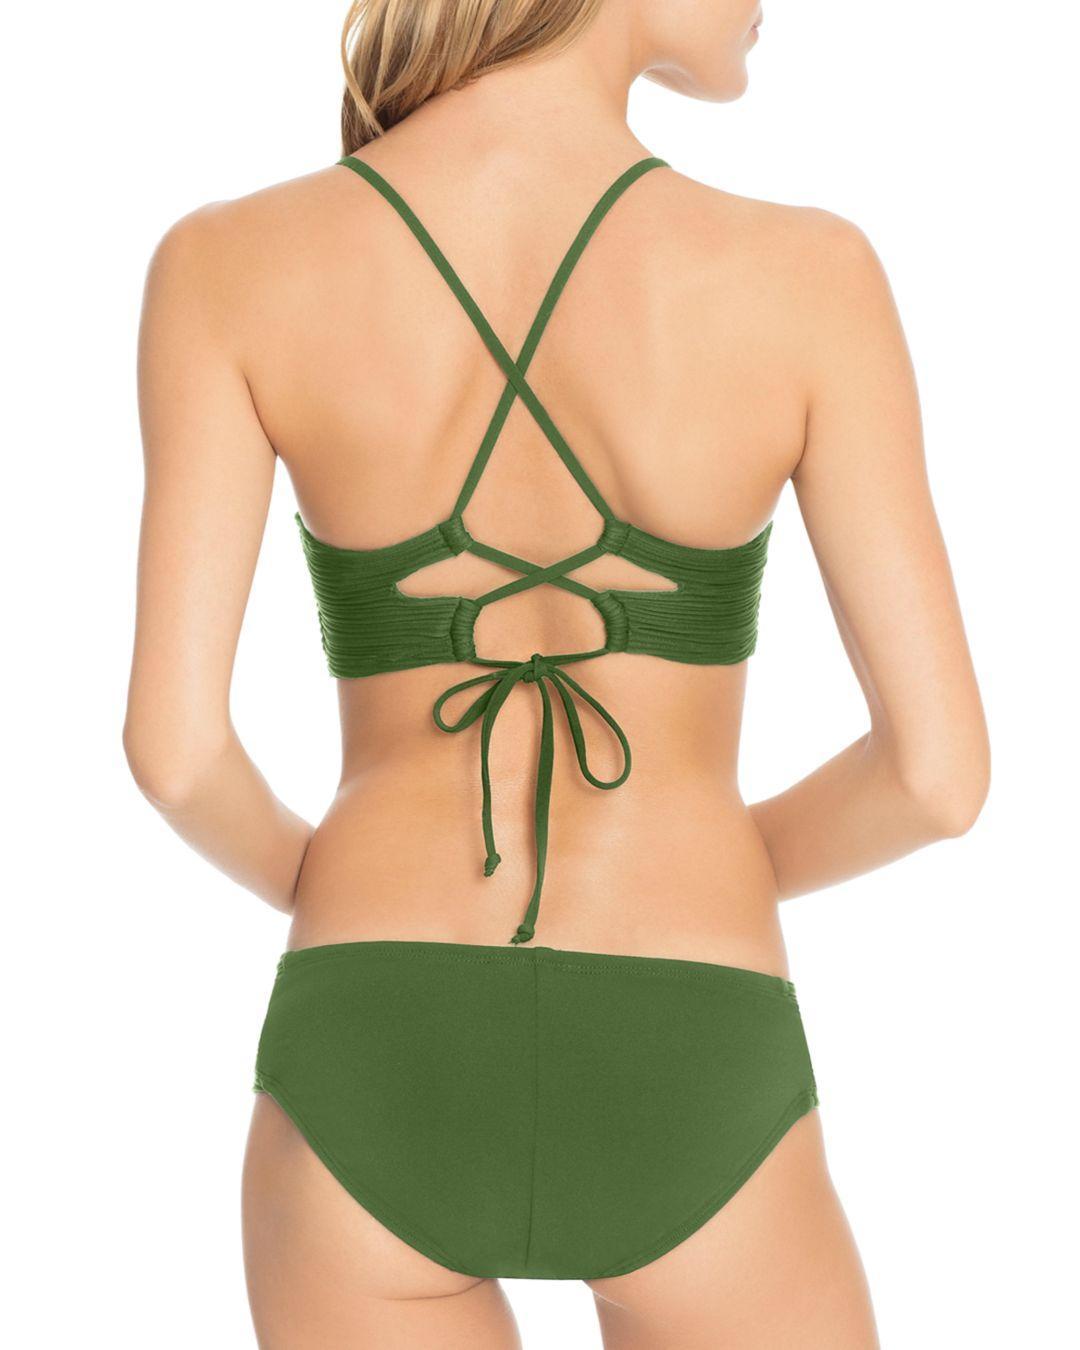 e6e6522963a8c3 Lyst - Robin Piccone Lily Twist Bra D-cup Bikini Top in Green